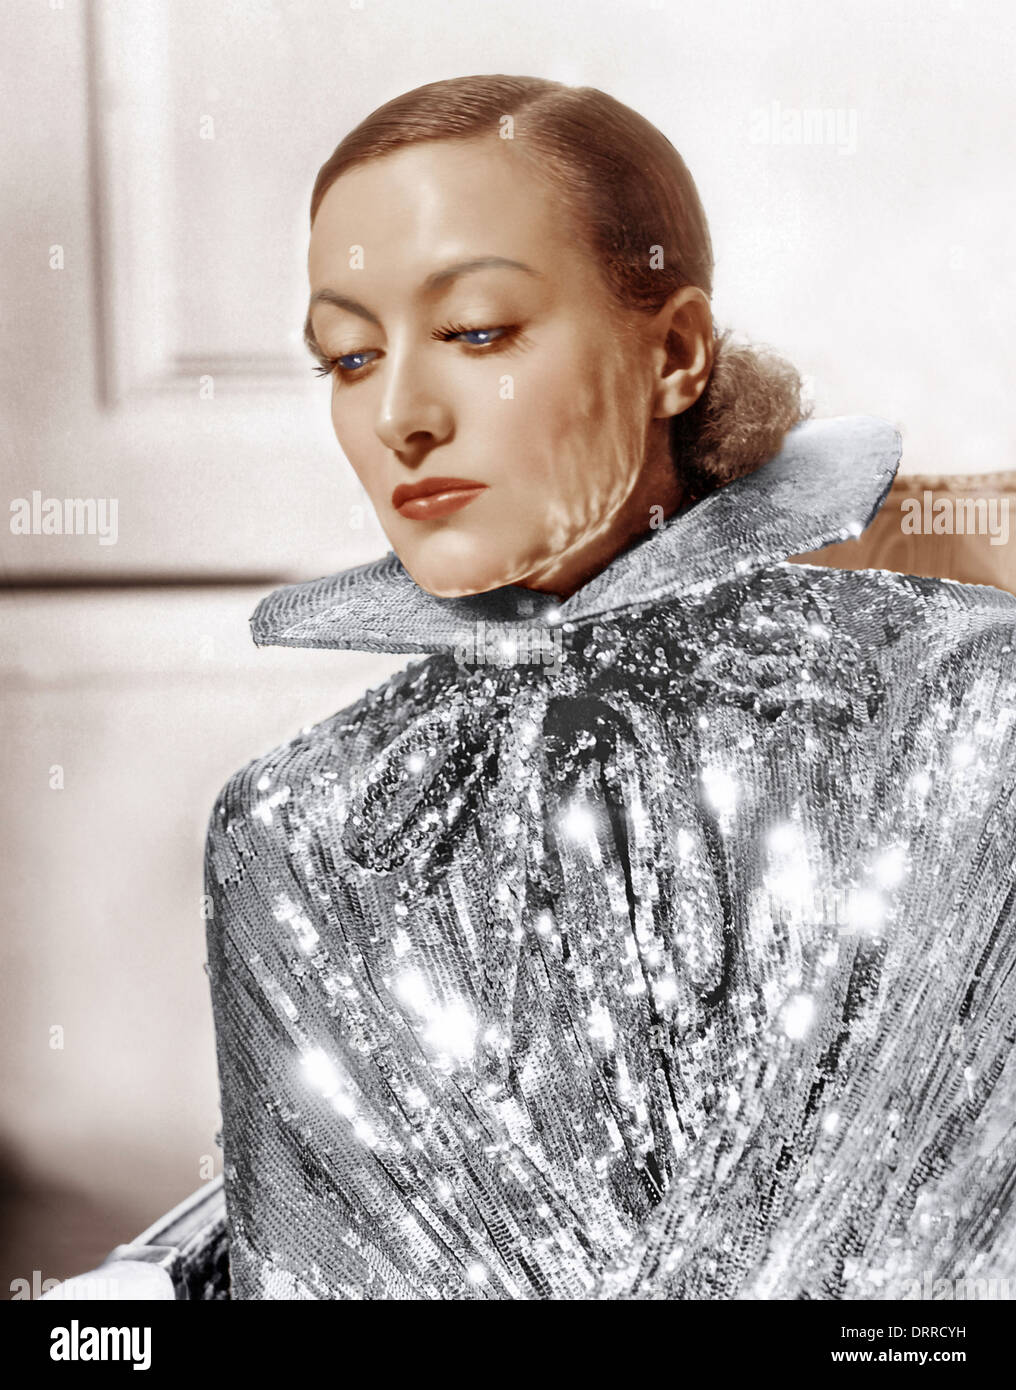 sadie-mckee-1934-mgm-film-with-joan-craw